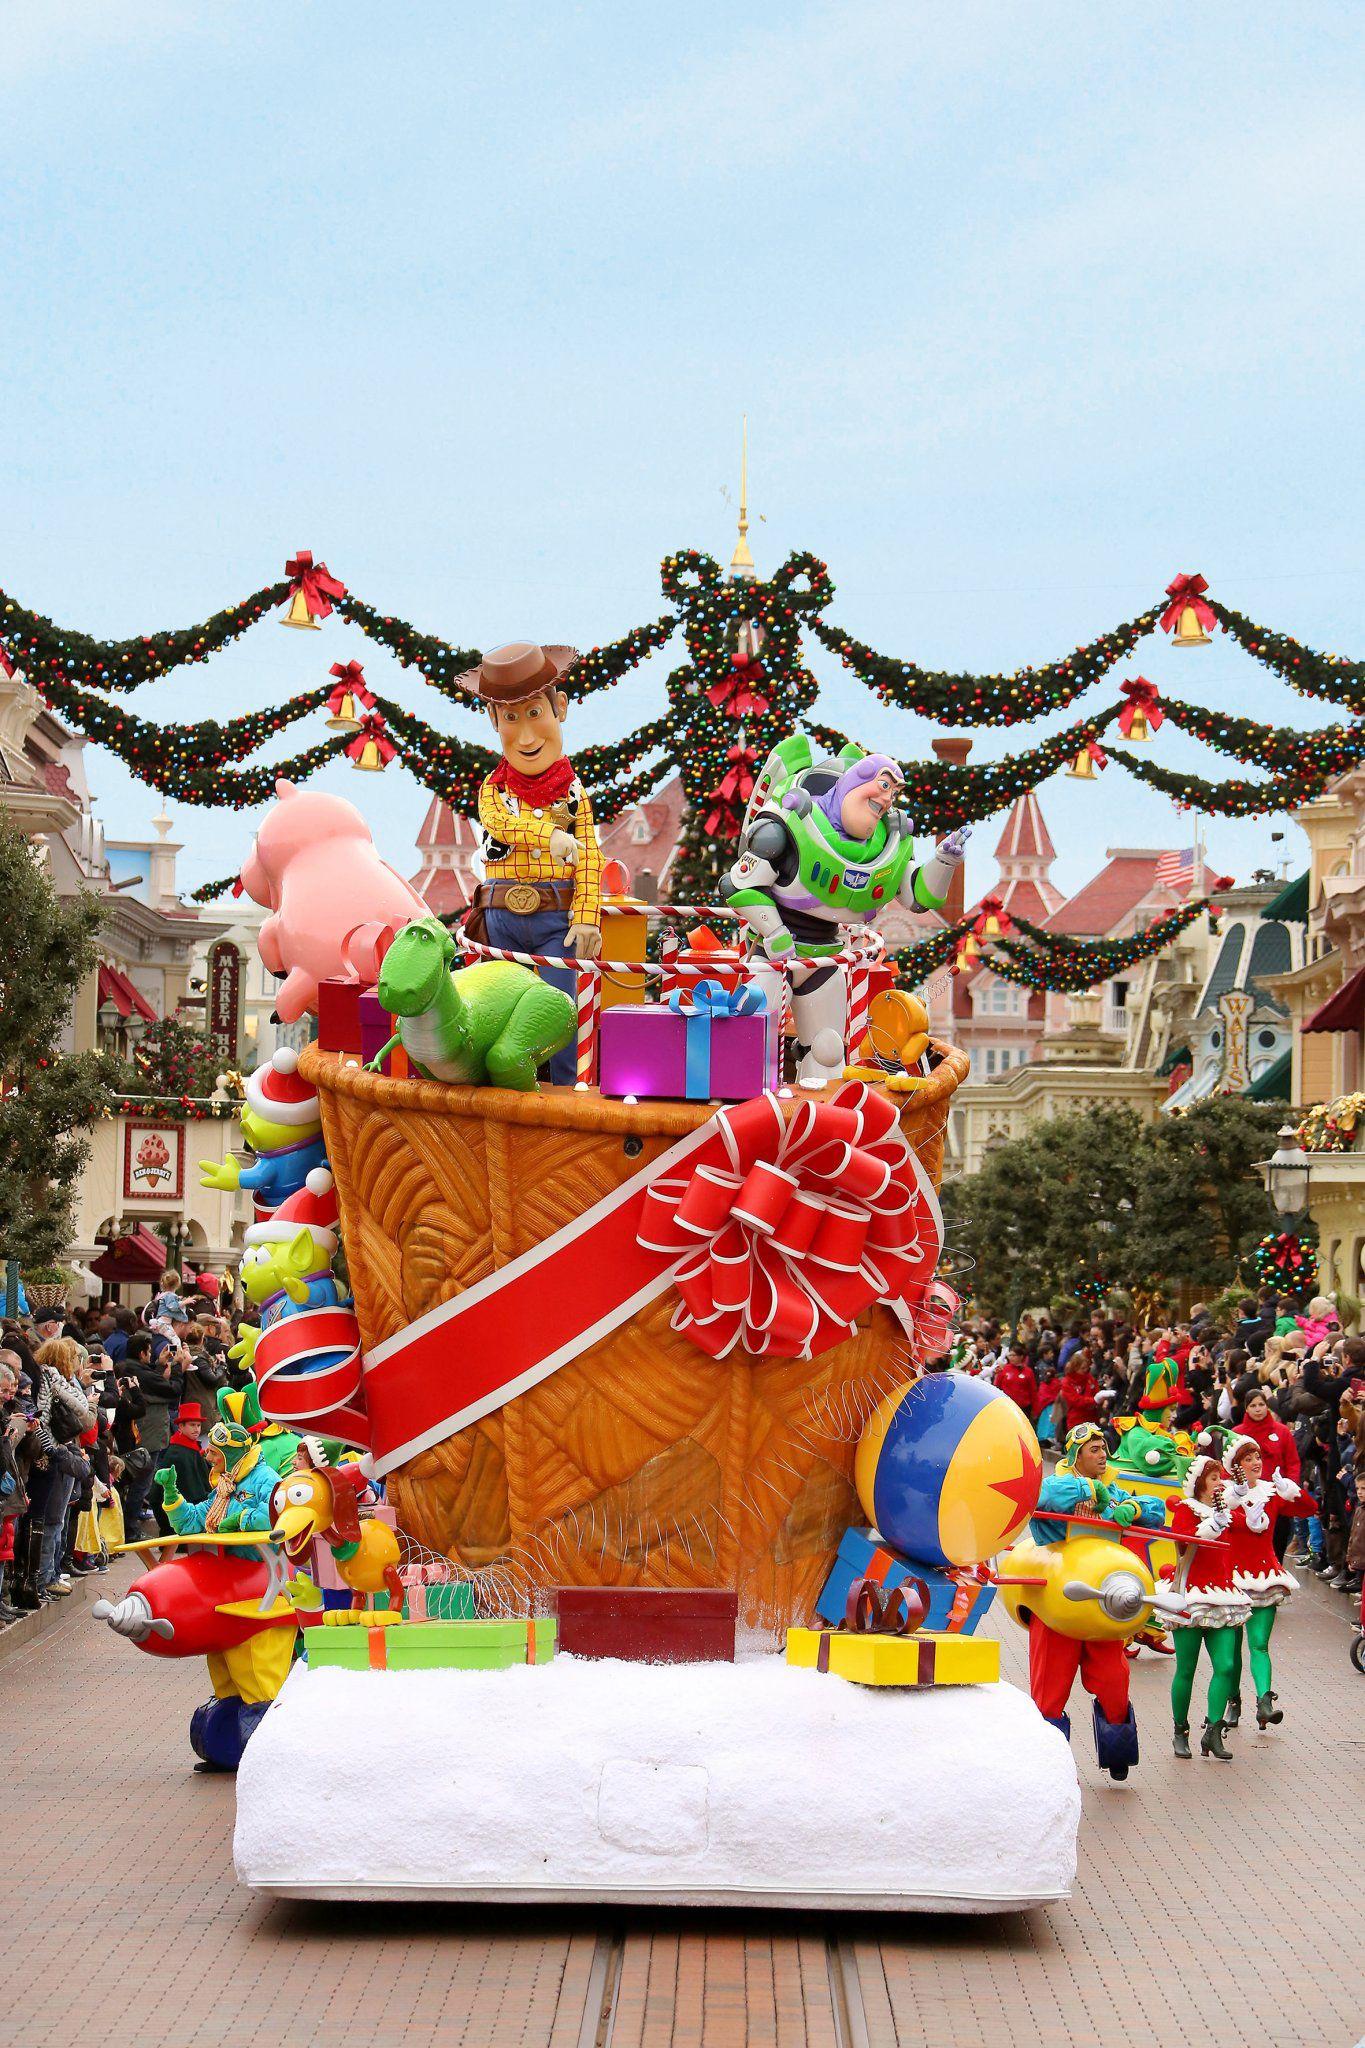 Disney's Christmas Parade Disneyland Paris